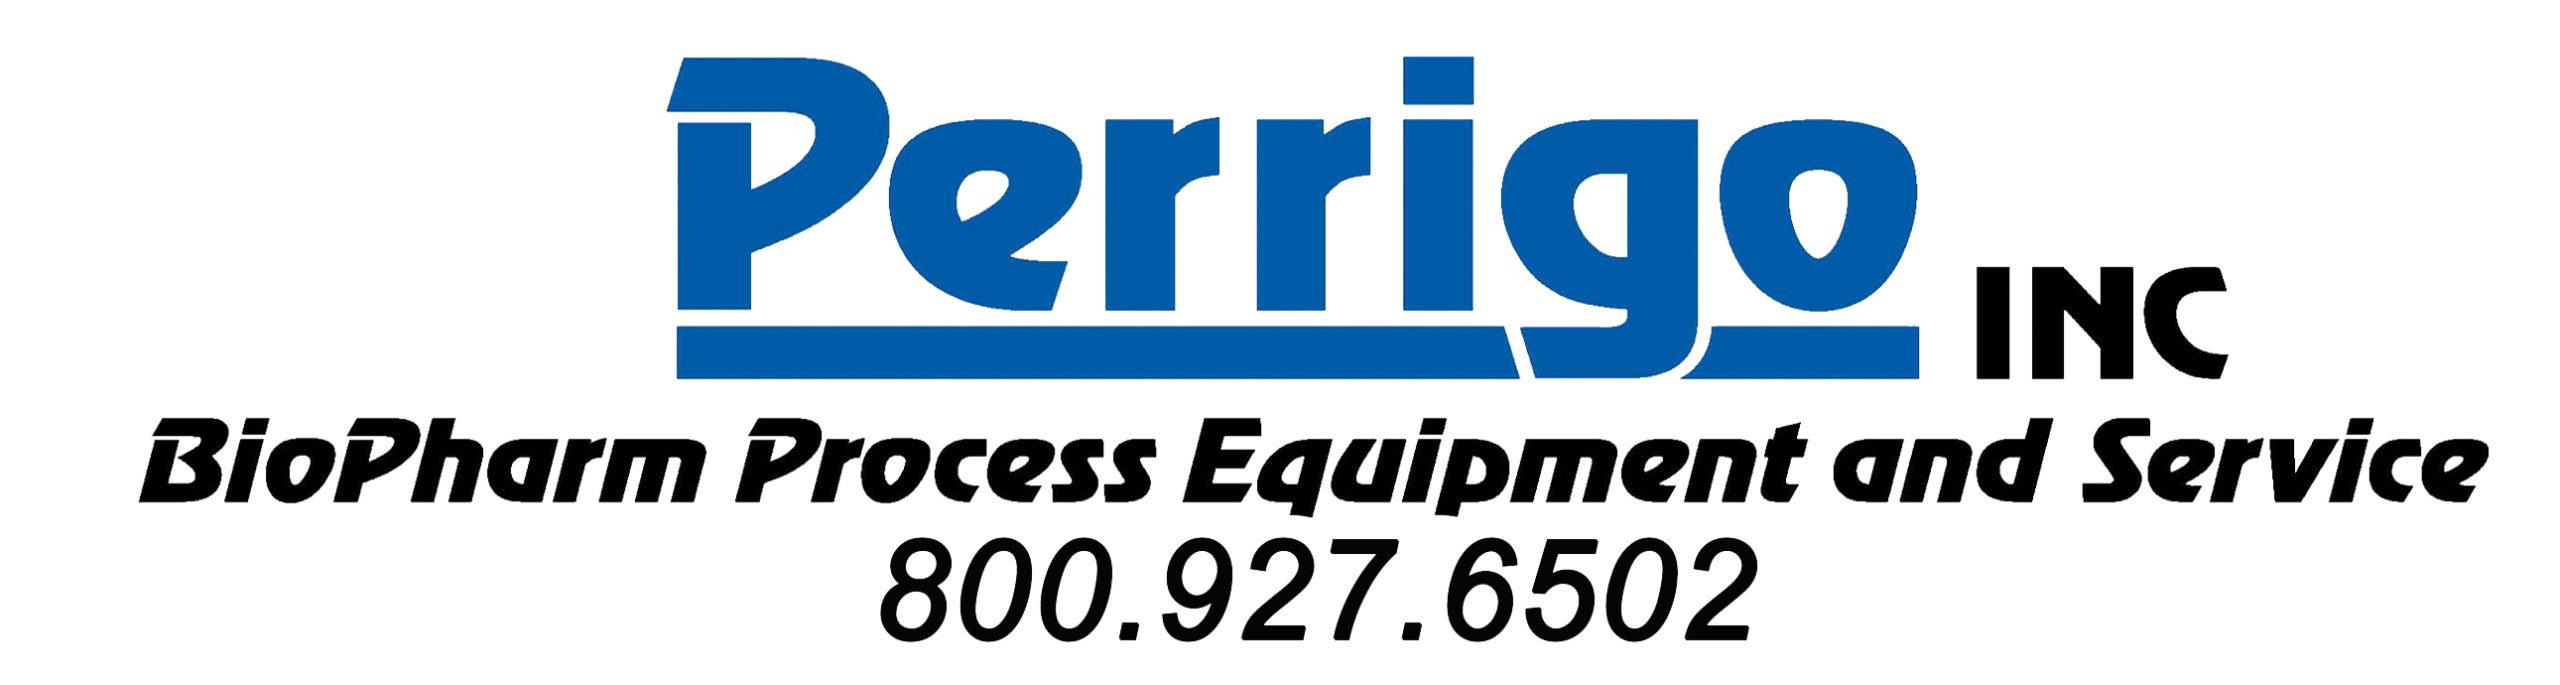 Perrigo Inc.